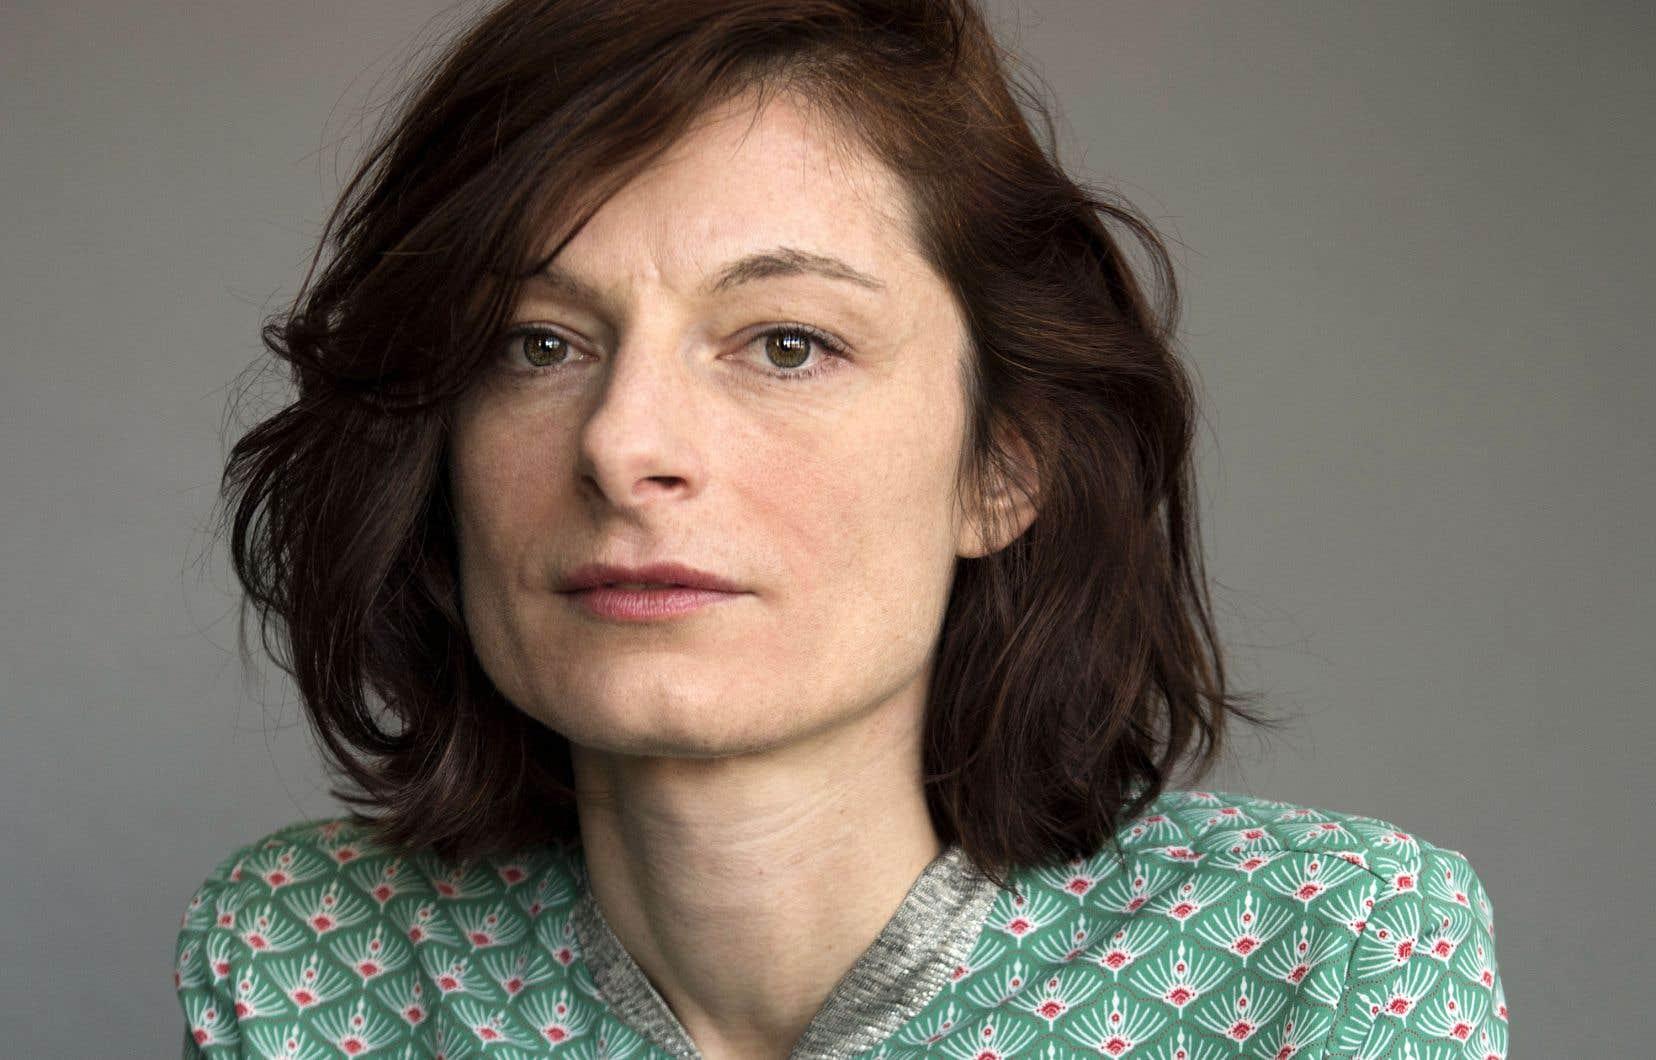 Le livre de Céline Huyghebaert se situe à mi-chemin entre le récit autobiographique, l'enquête journalistique et le journal intime.